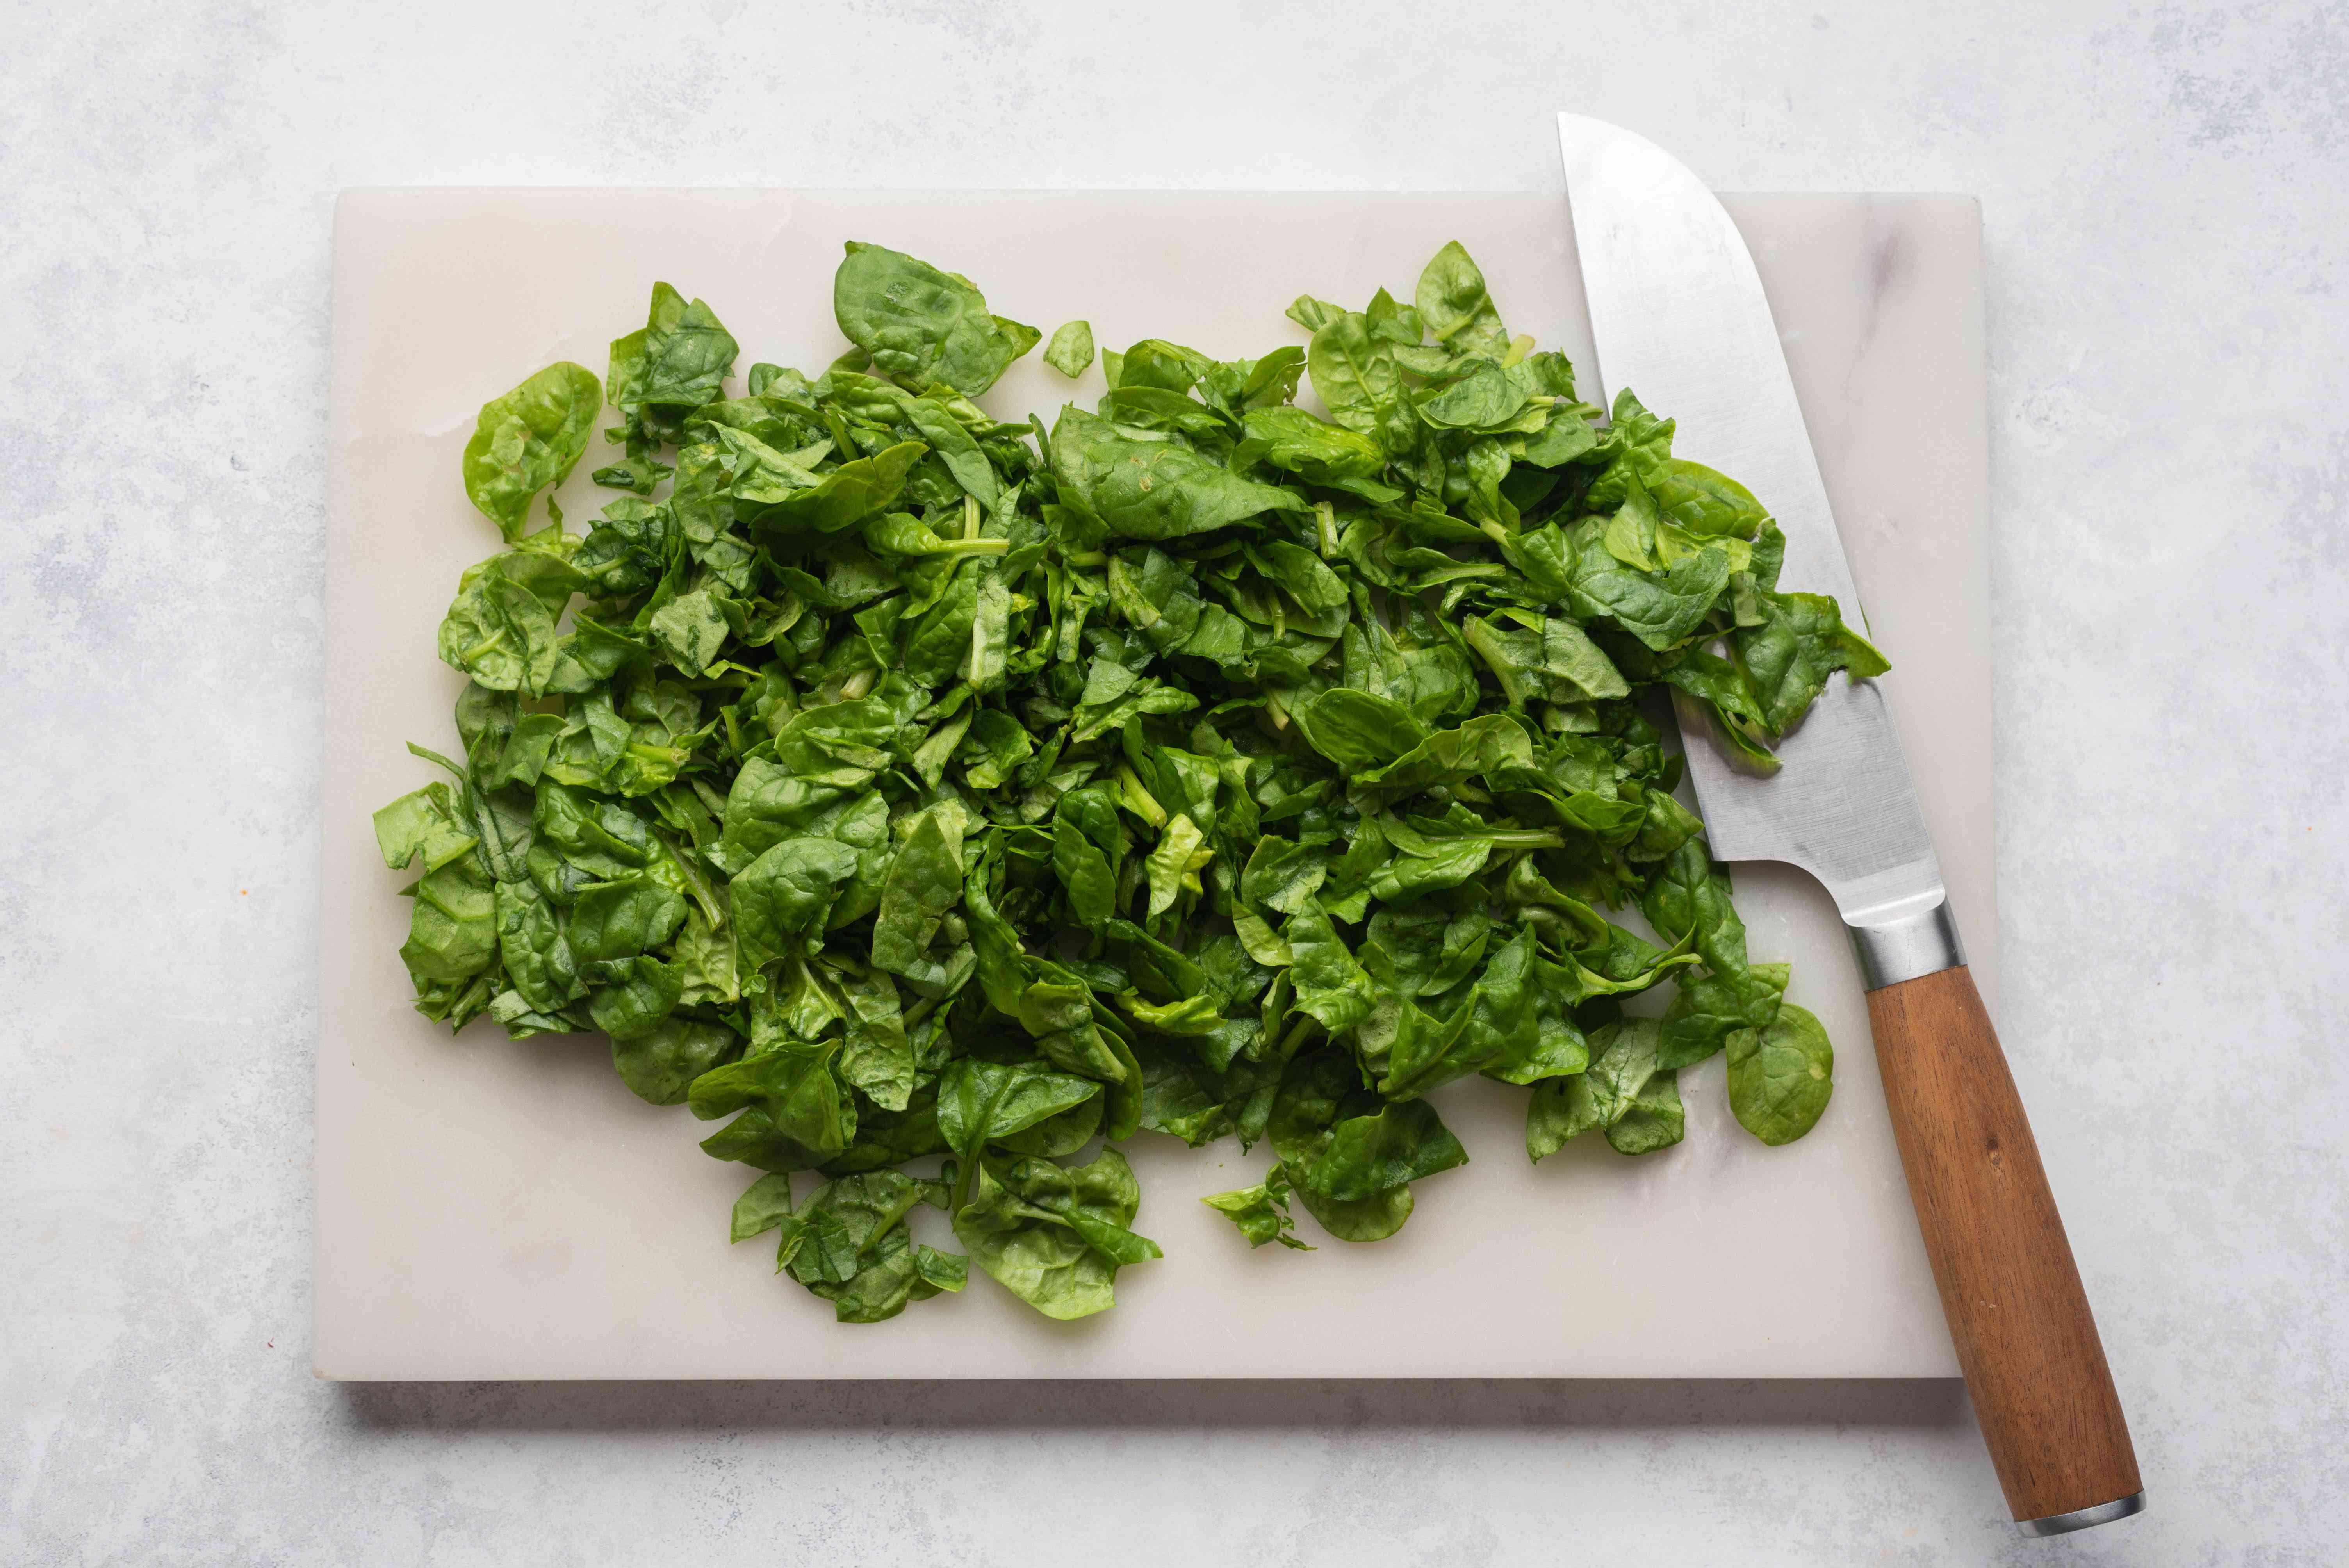 chop spinach on a cutting board